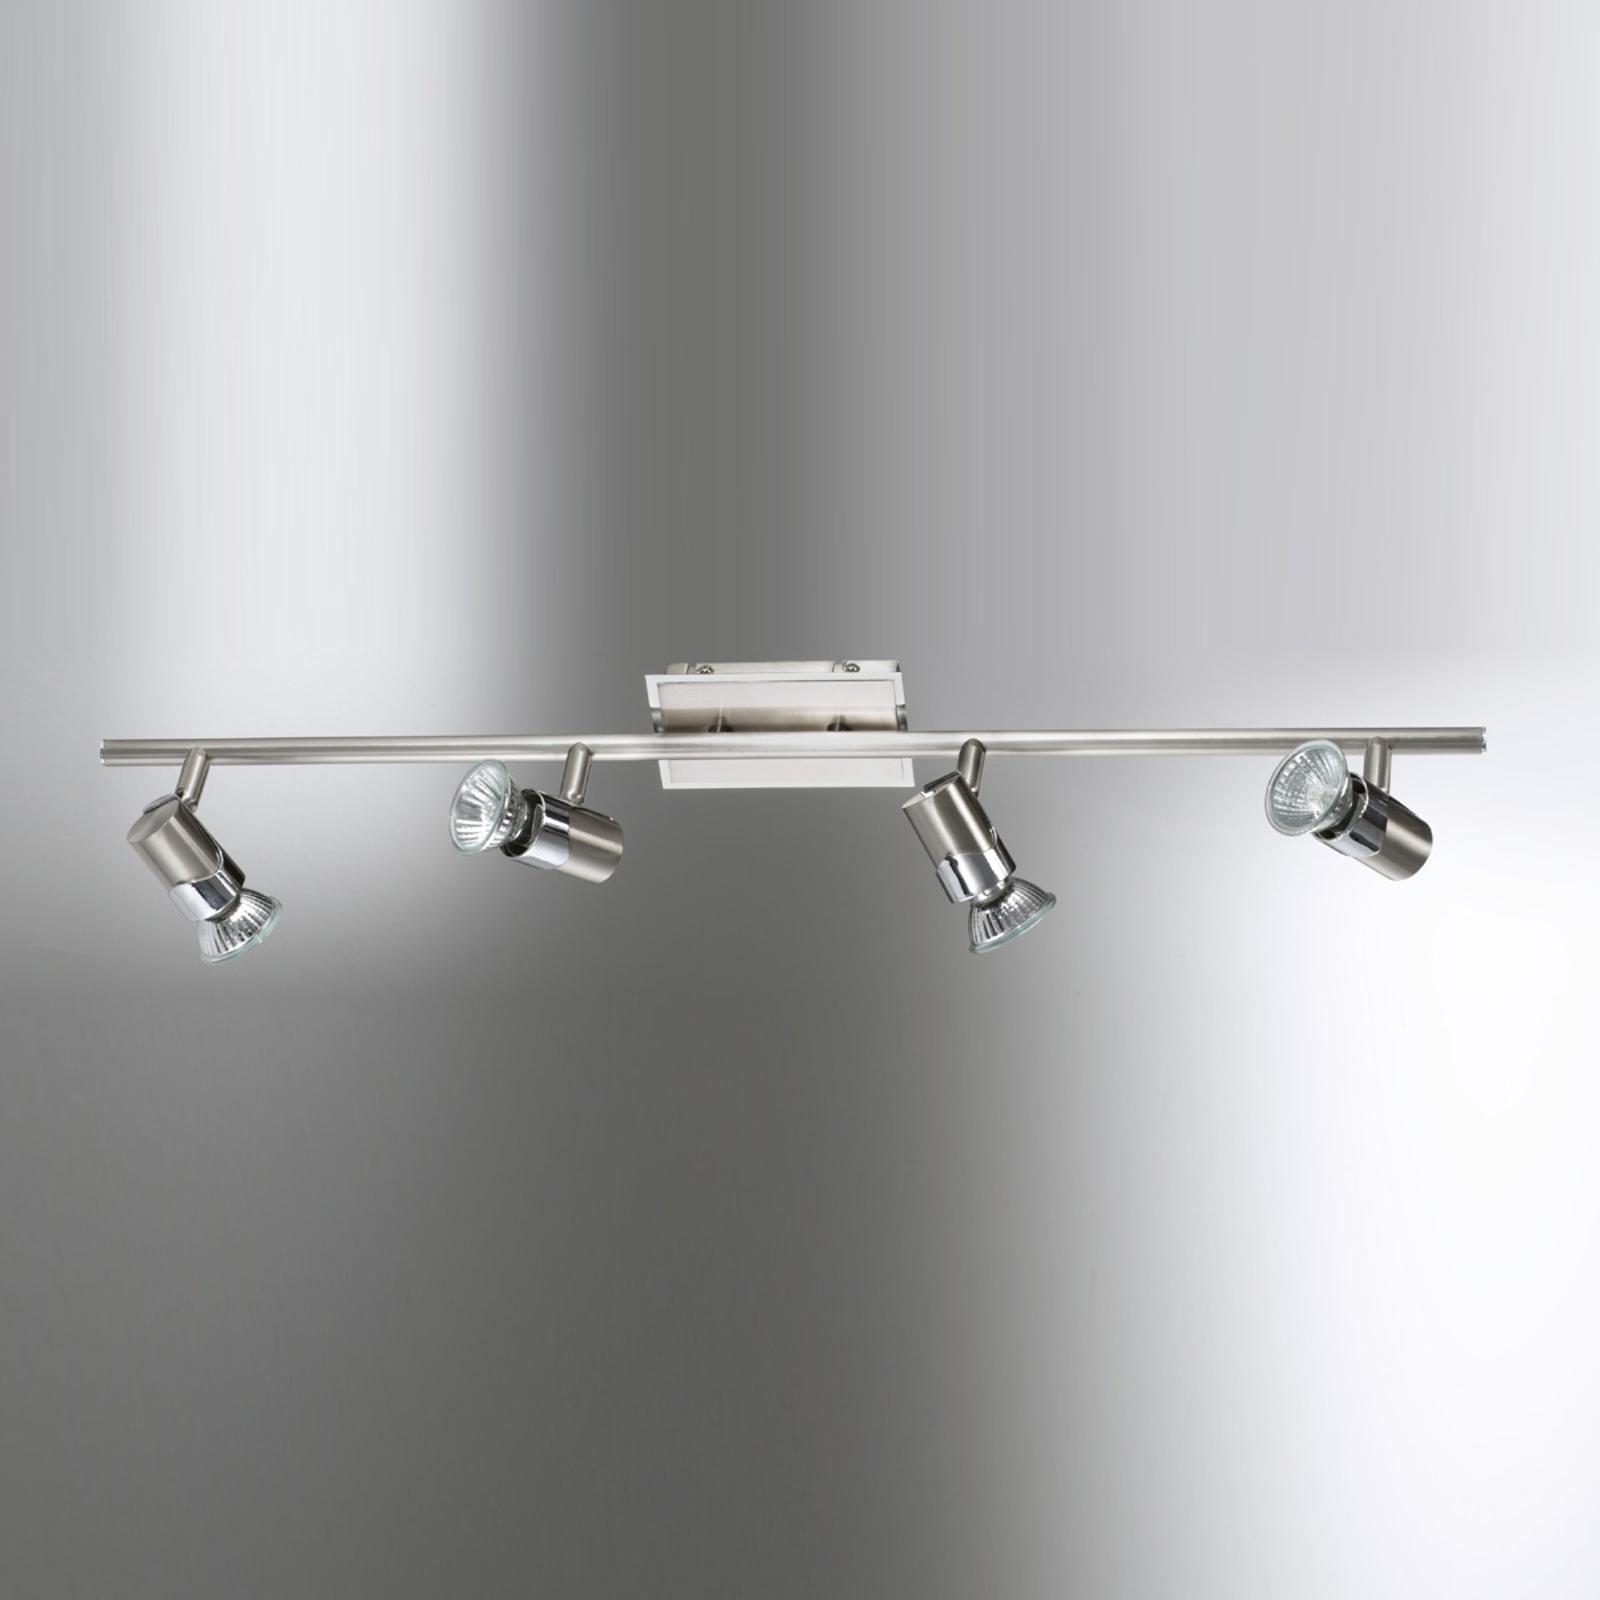 Lampa sufitowa ALICE o nowoczesnym designie